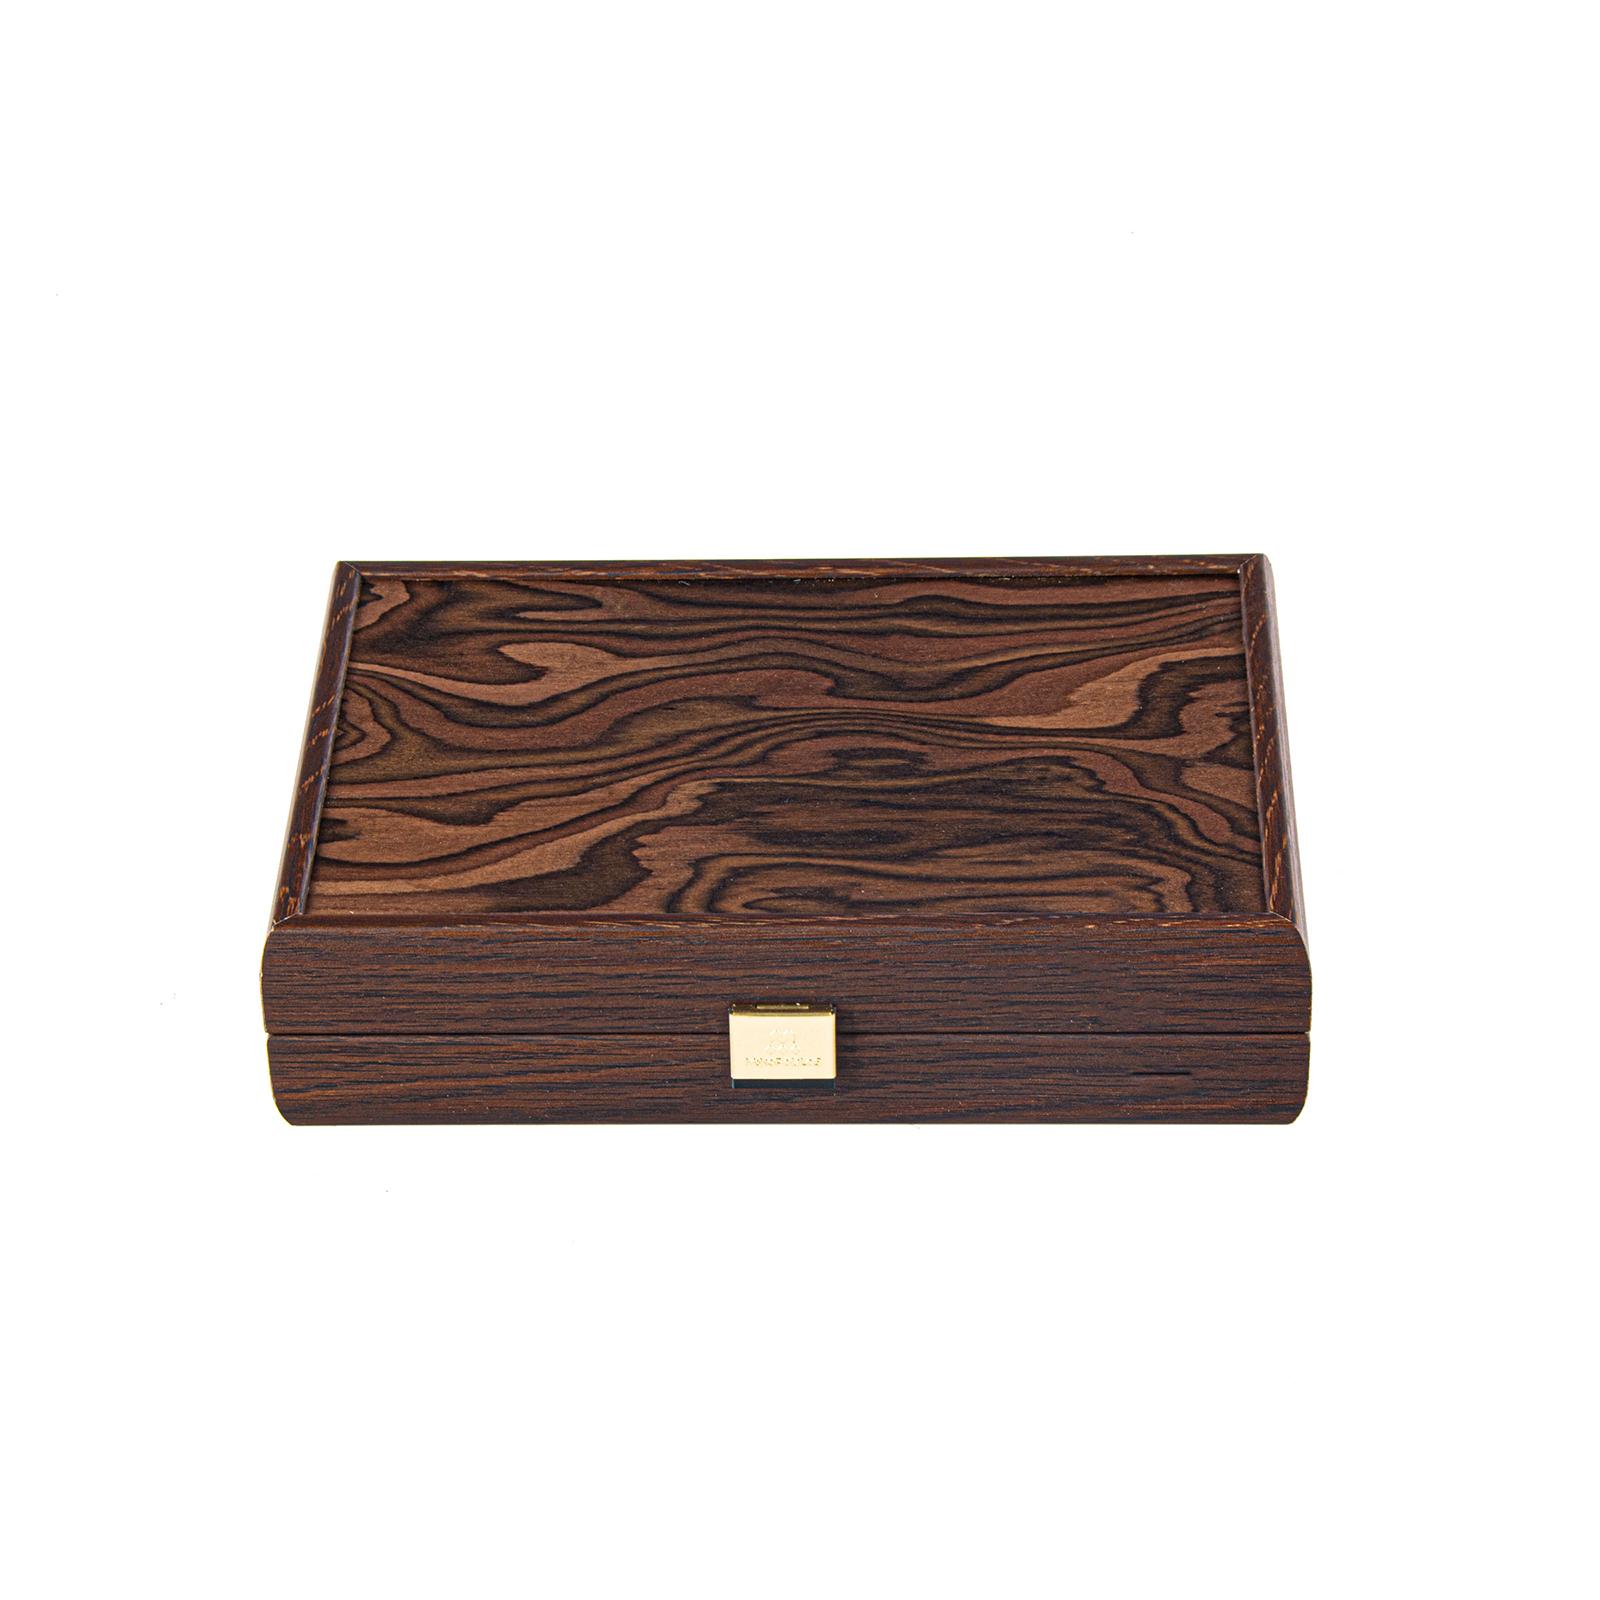 Spielkartenset in Holzbox mit kalifornischen Walnussholz ausgelegt mit feinem Velour